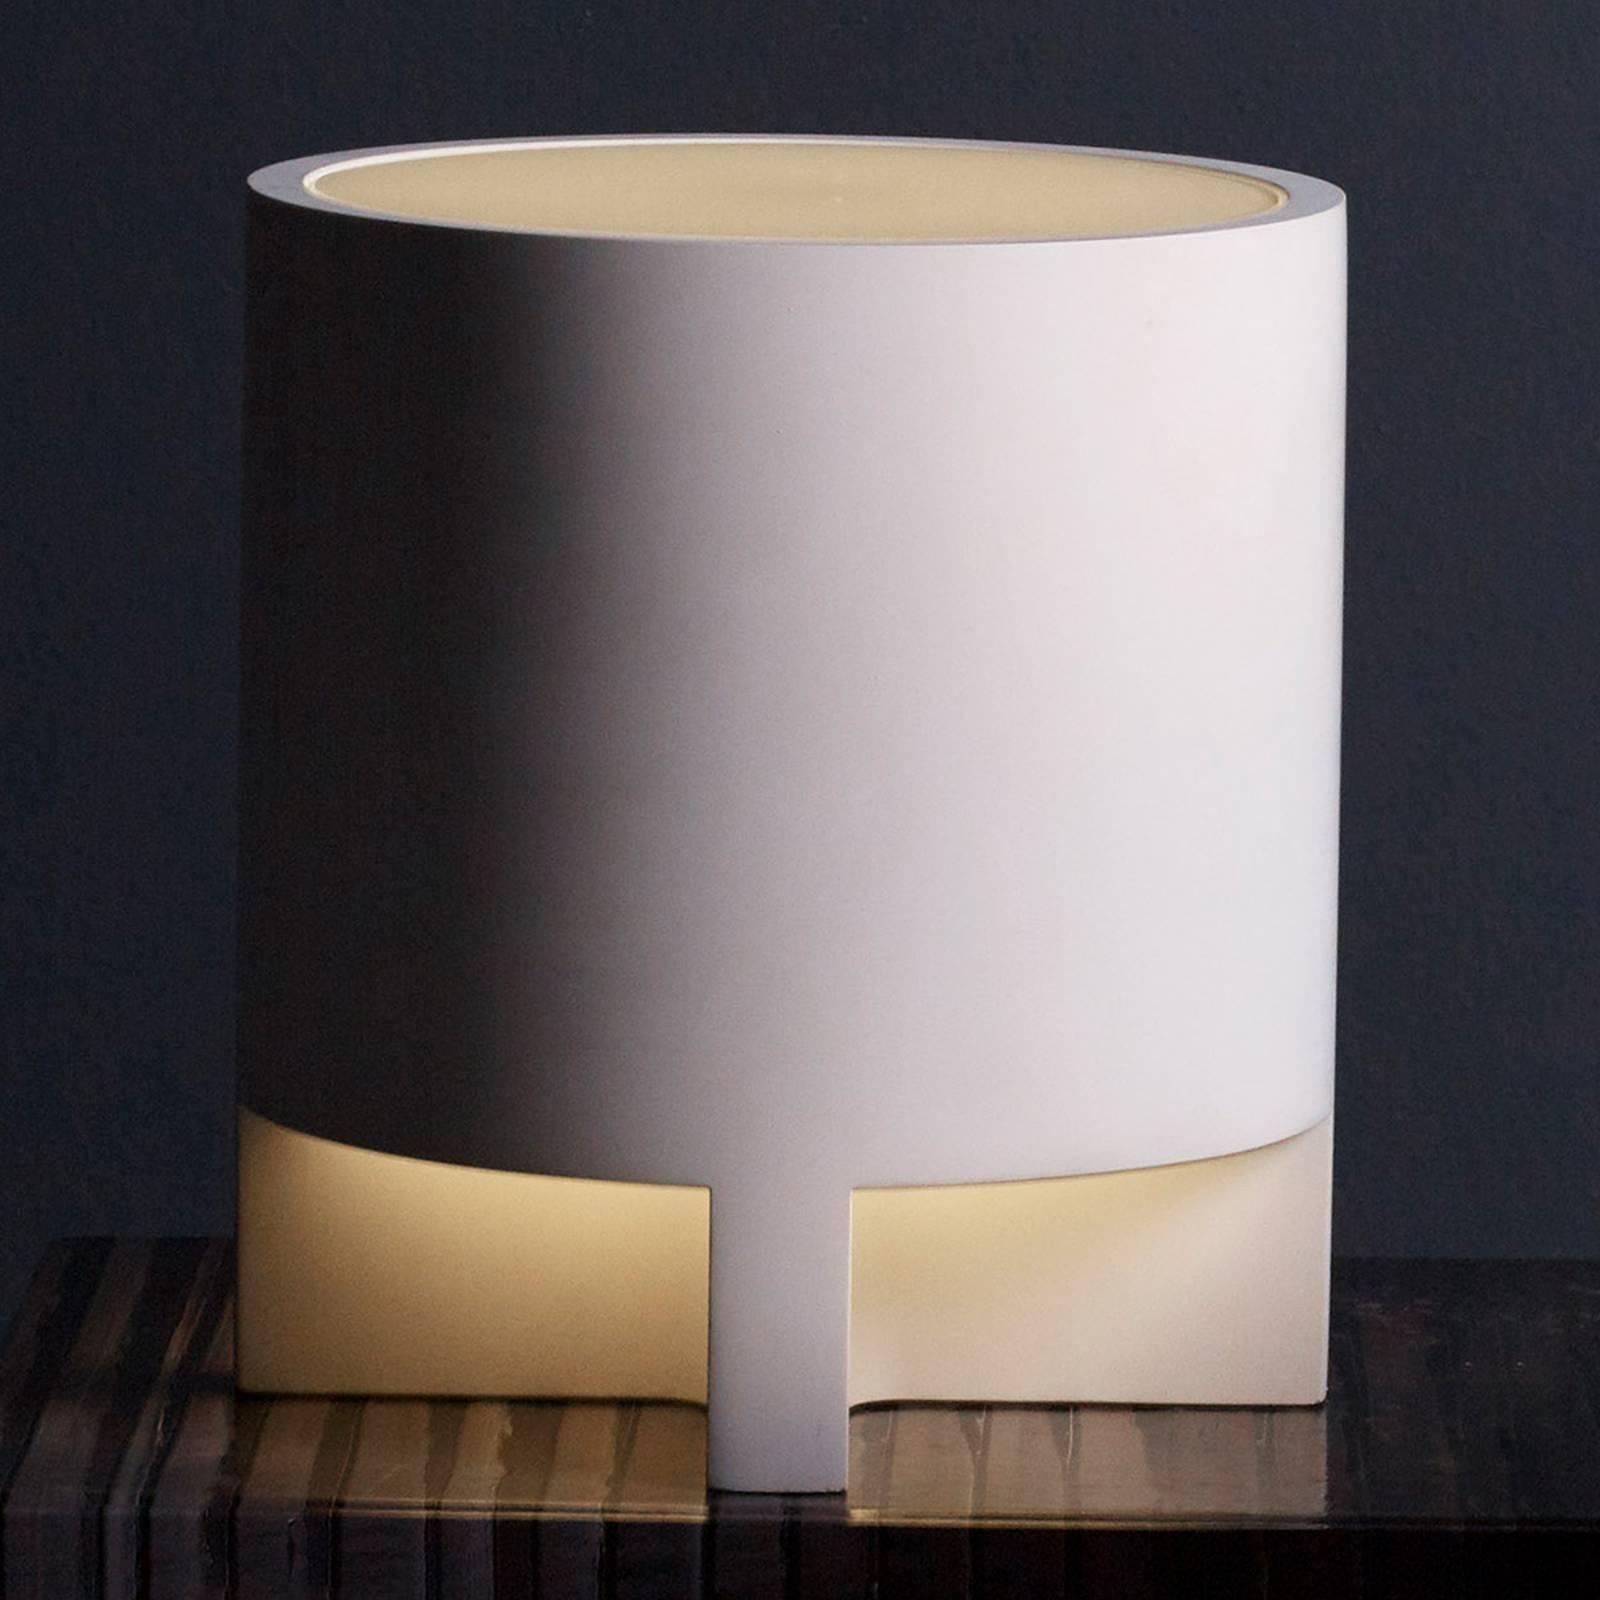 Astro Martello -pöytävalaisin, Ø 18 cm